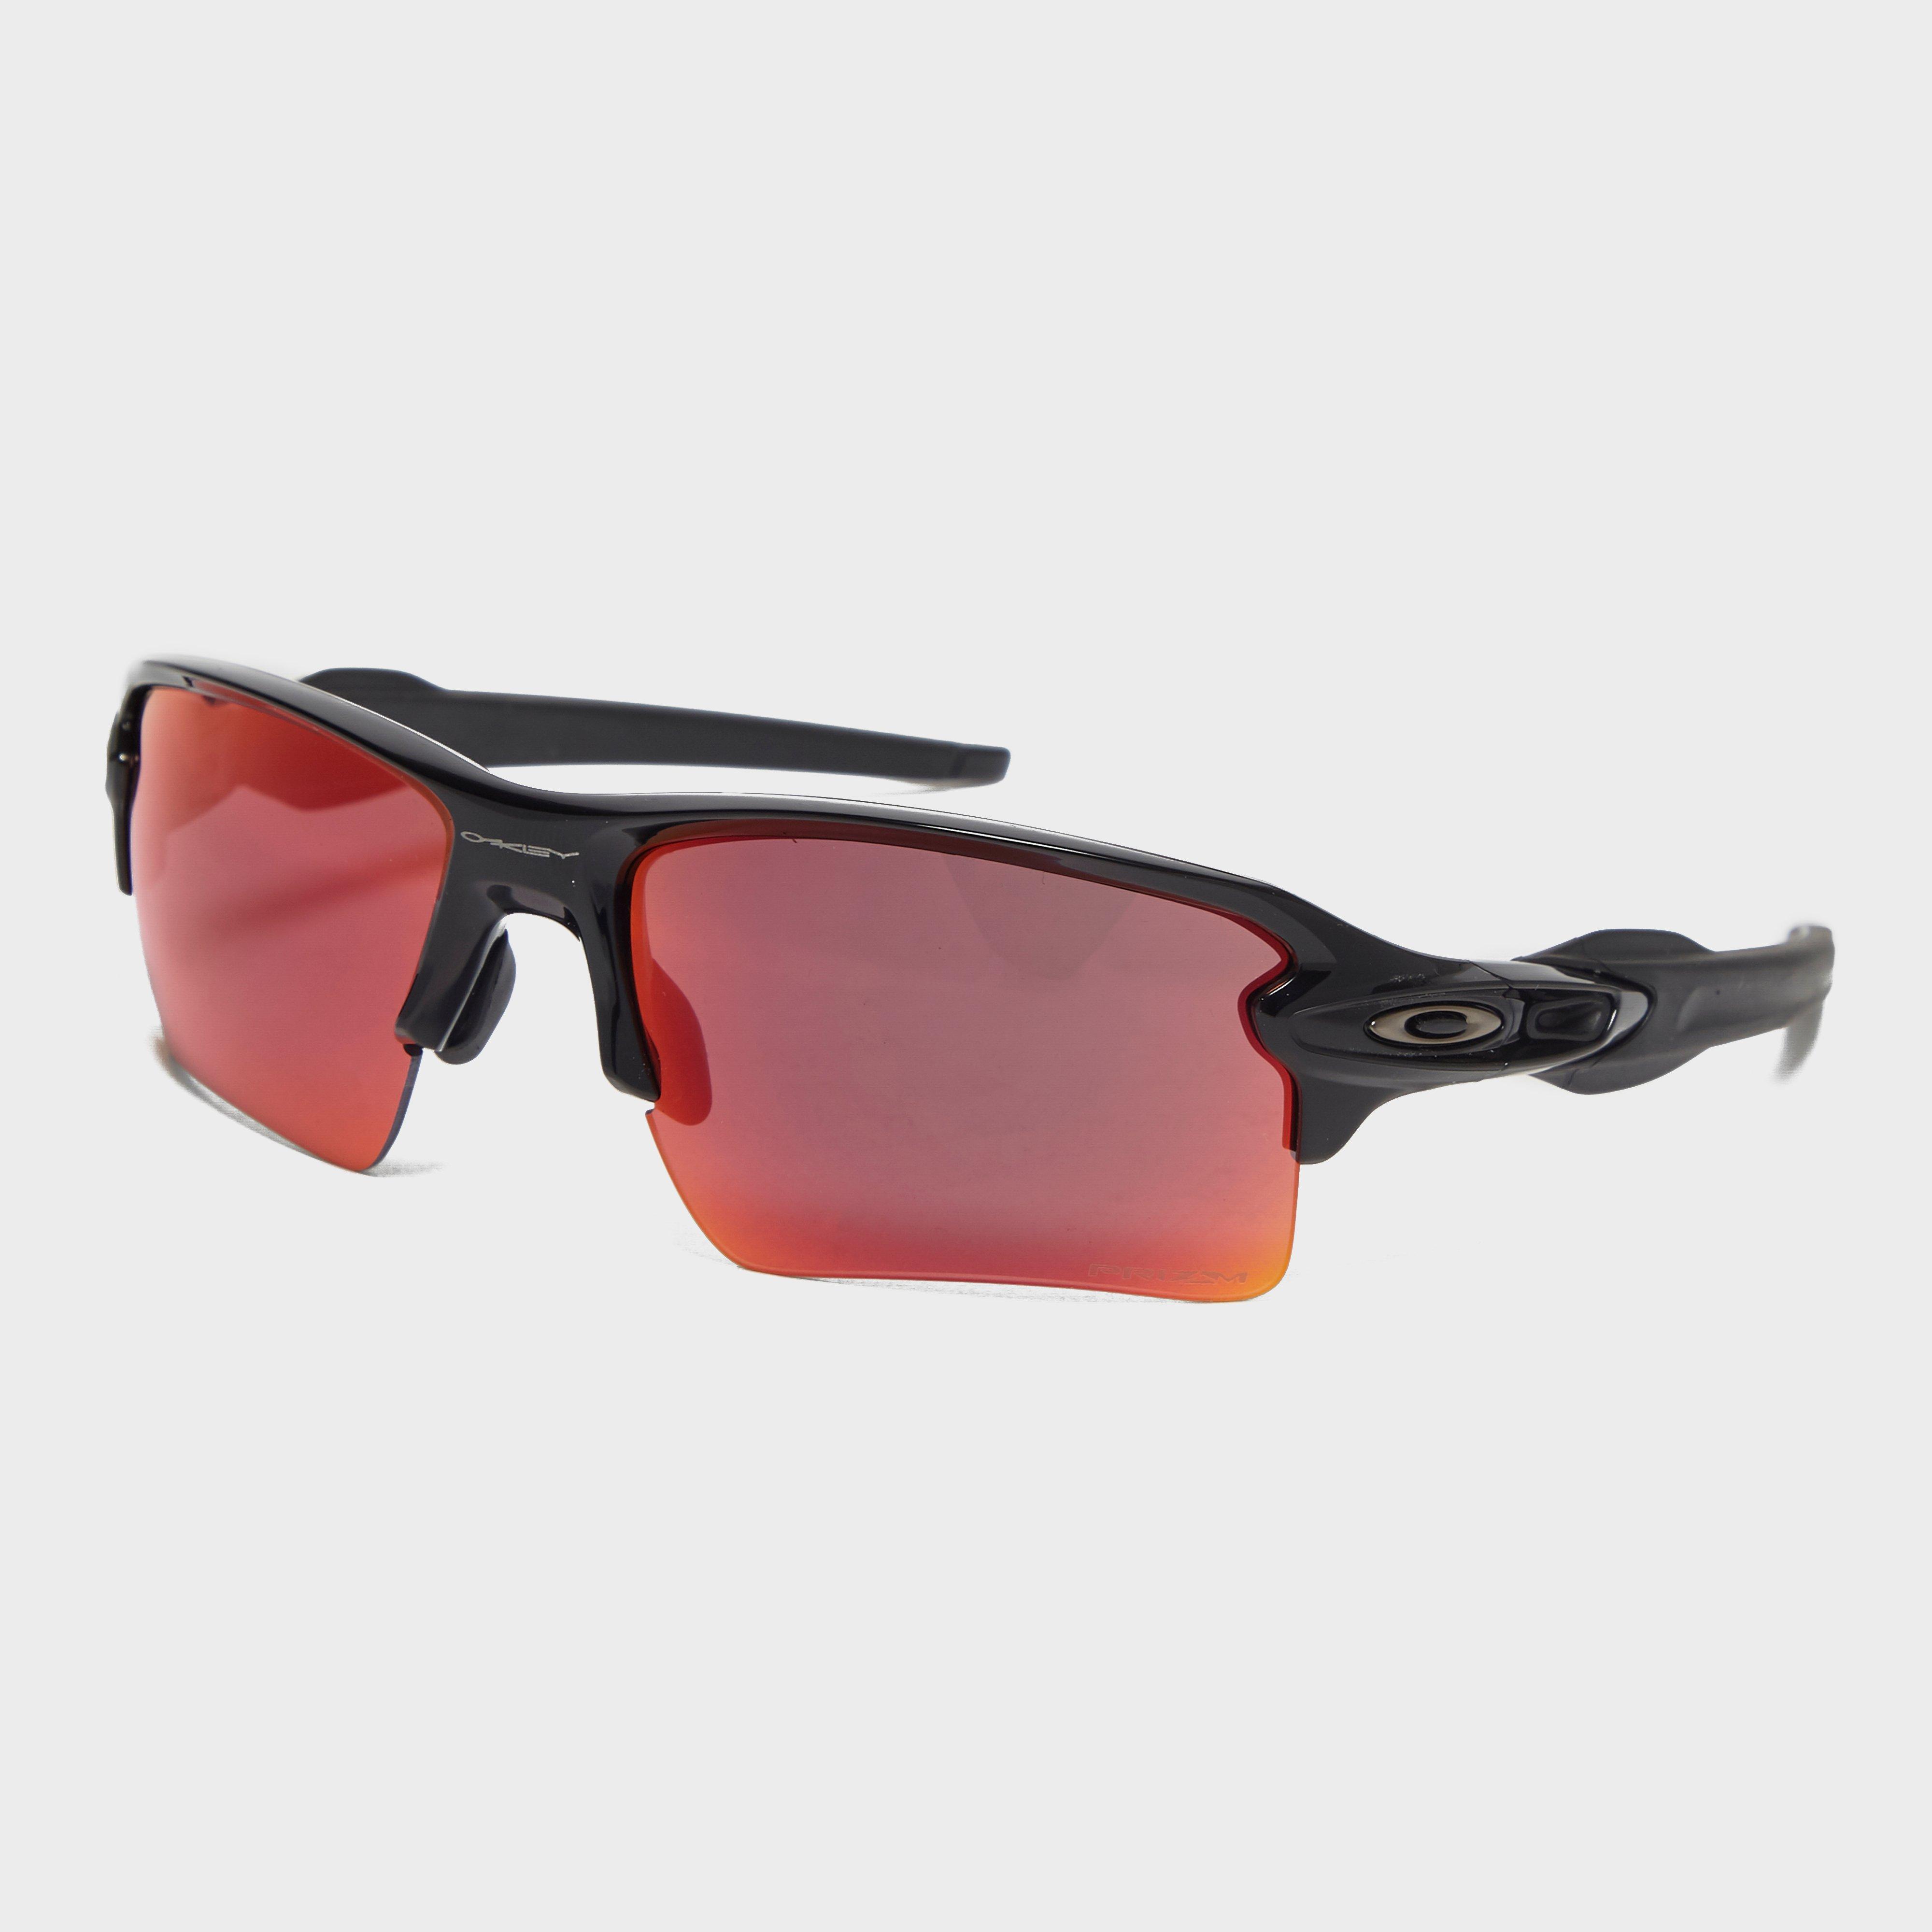 Oakley Flak 2.0 Sunglasses, Multi